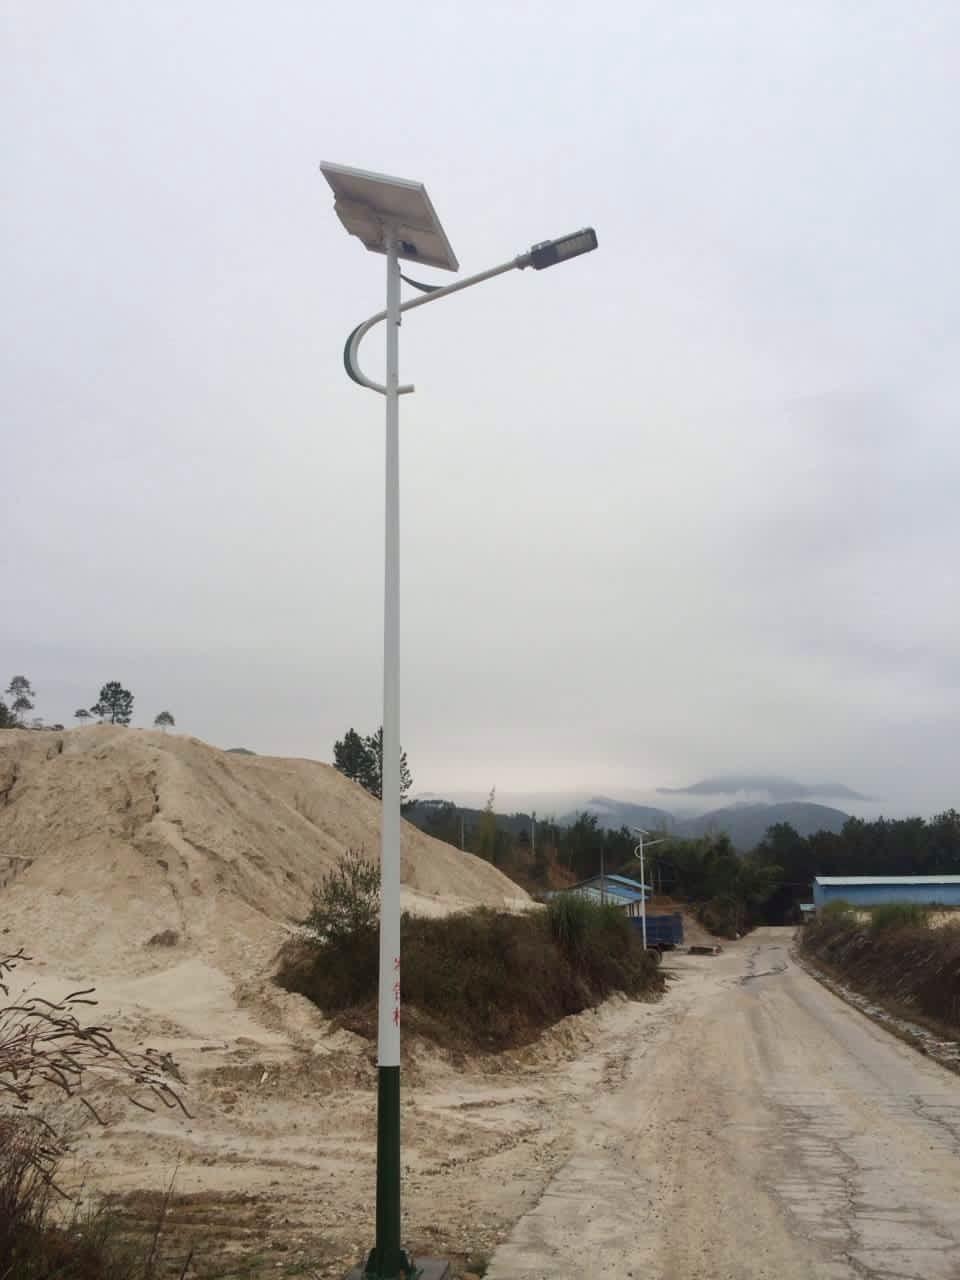 广东农村太阳能路灯现在也流行起来了,我国内现在不少新建的高新开发区或者新农村开始使用上led太阳能路灯,尤其是在农村道路的使用更多,太阳能led路灯目前的使用率真正增加。近期,劲辉照明在广东又完成了一个农村太阳能路灯工程。    本次广东太阳能路灯的工程项目基本信息如下: 工程地址:广东河源市连平县隆街镇岑告村 产品供应商:中山市劲辉照明灯饰厂 光源:采用30瓦进口LED光源 灯具:高品质型材铝金豆灯具 灯杆:6米Q235钢材整体热镀锌防腐灯杆 太阳能板:100W多晶硅太阳能板 蓄电池:太阳能路灯专用免维